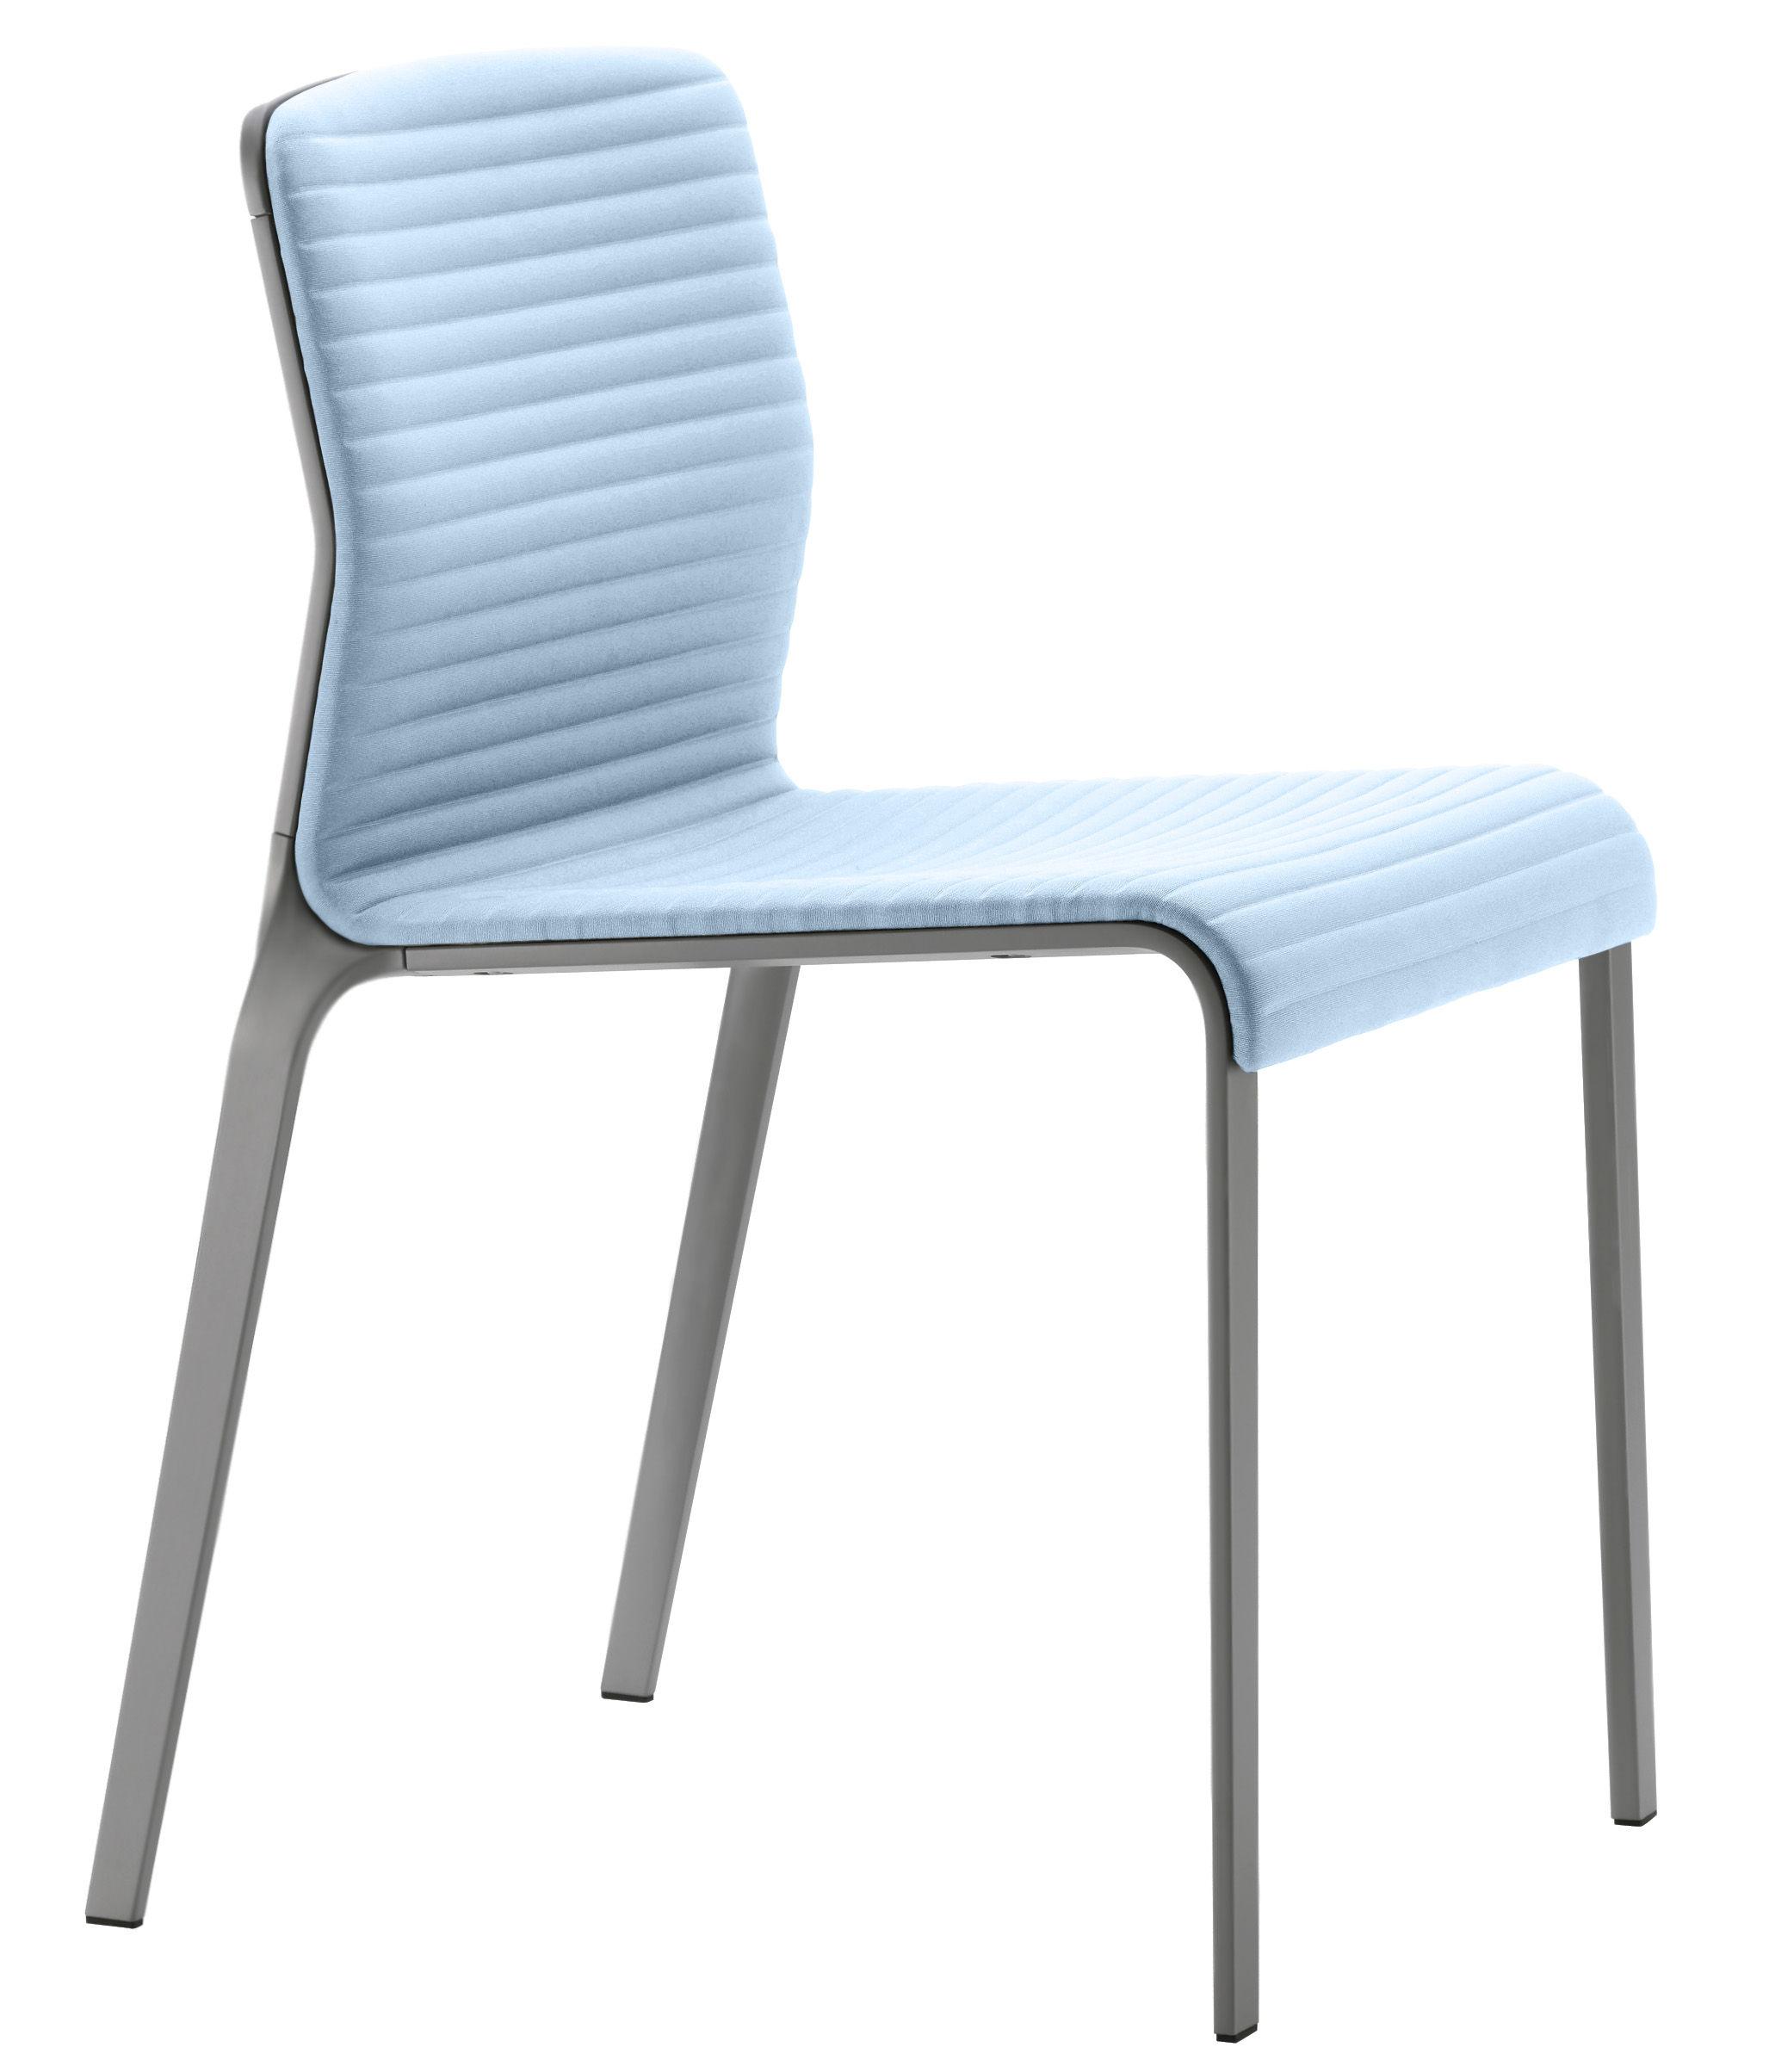 bend gepolsterte sitzschale mit 3d effekt mdf italia stuhl. Black Bedroom Furniture Sets. Home Design Ideas